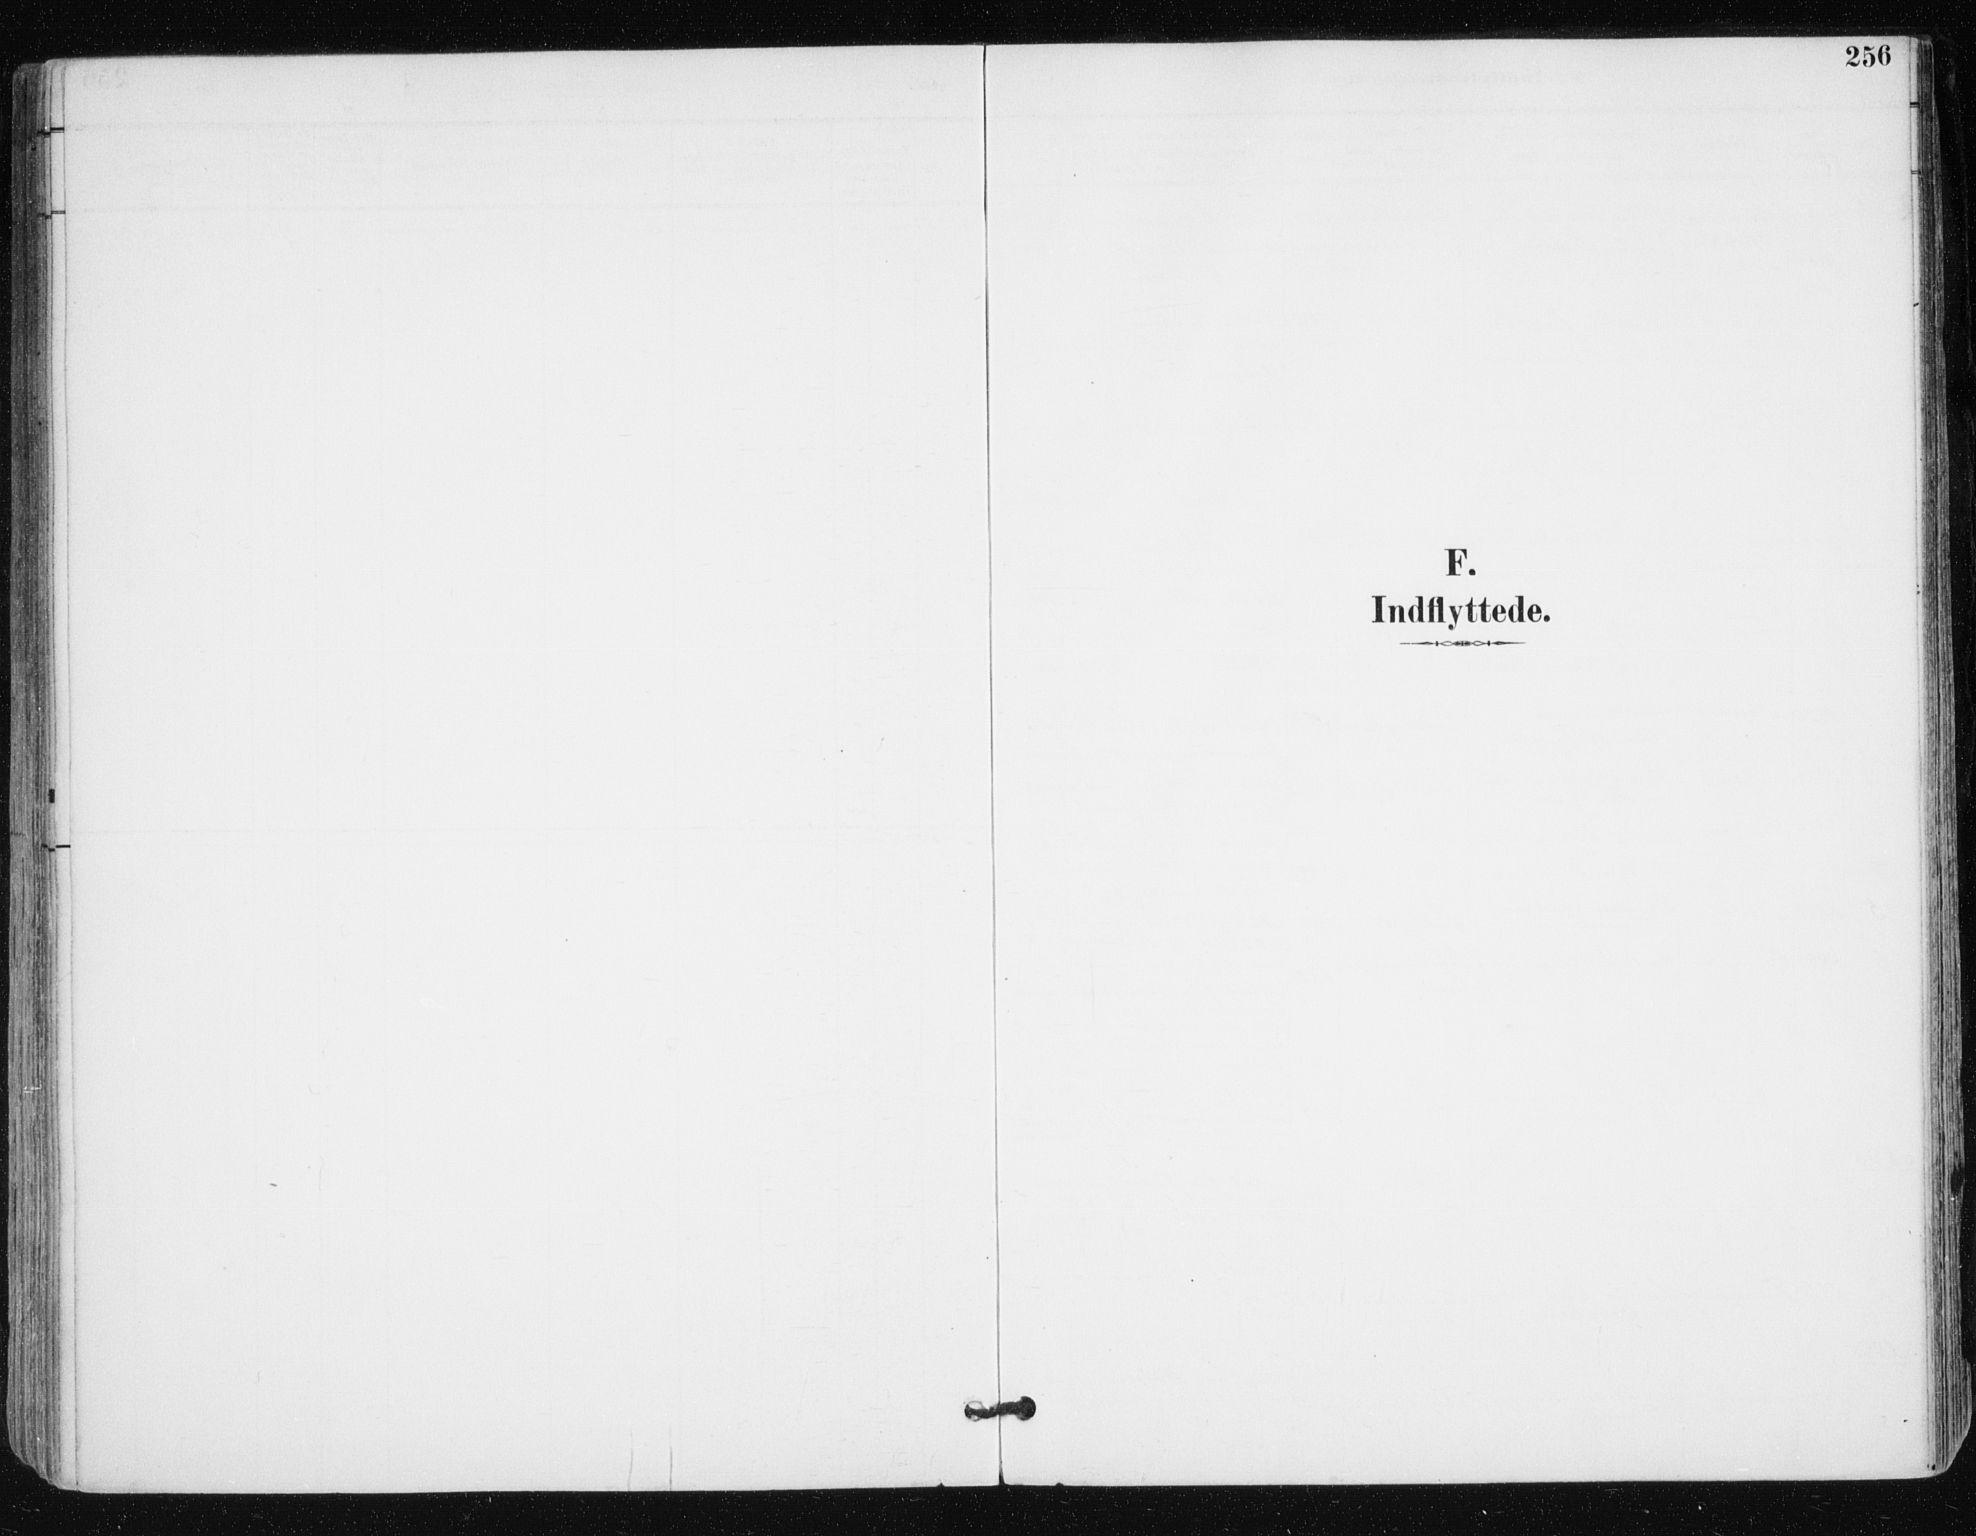 SATØ, Tana sokneprestkontor, H/Ha/L0005kirke: Ministerialbok nr. 5, 1891-1903, s. 256